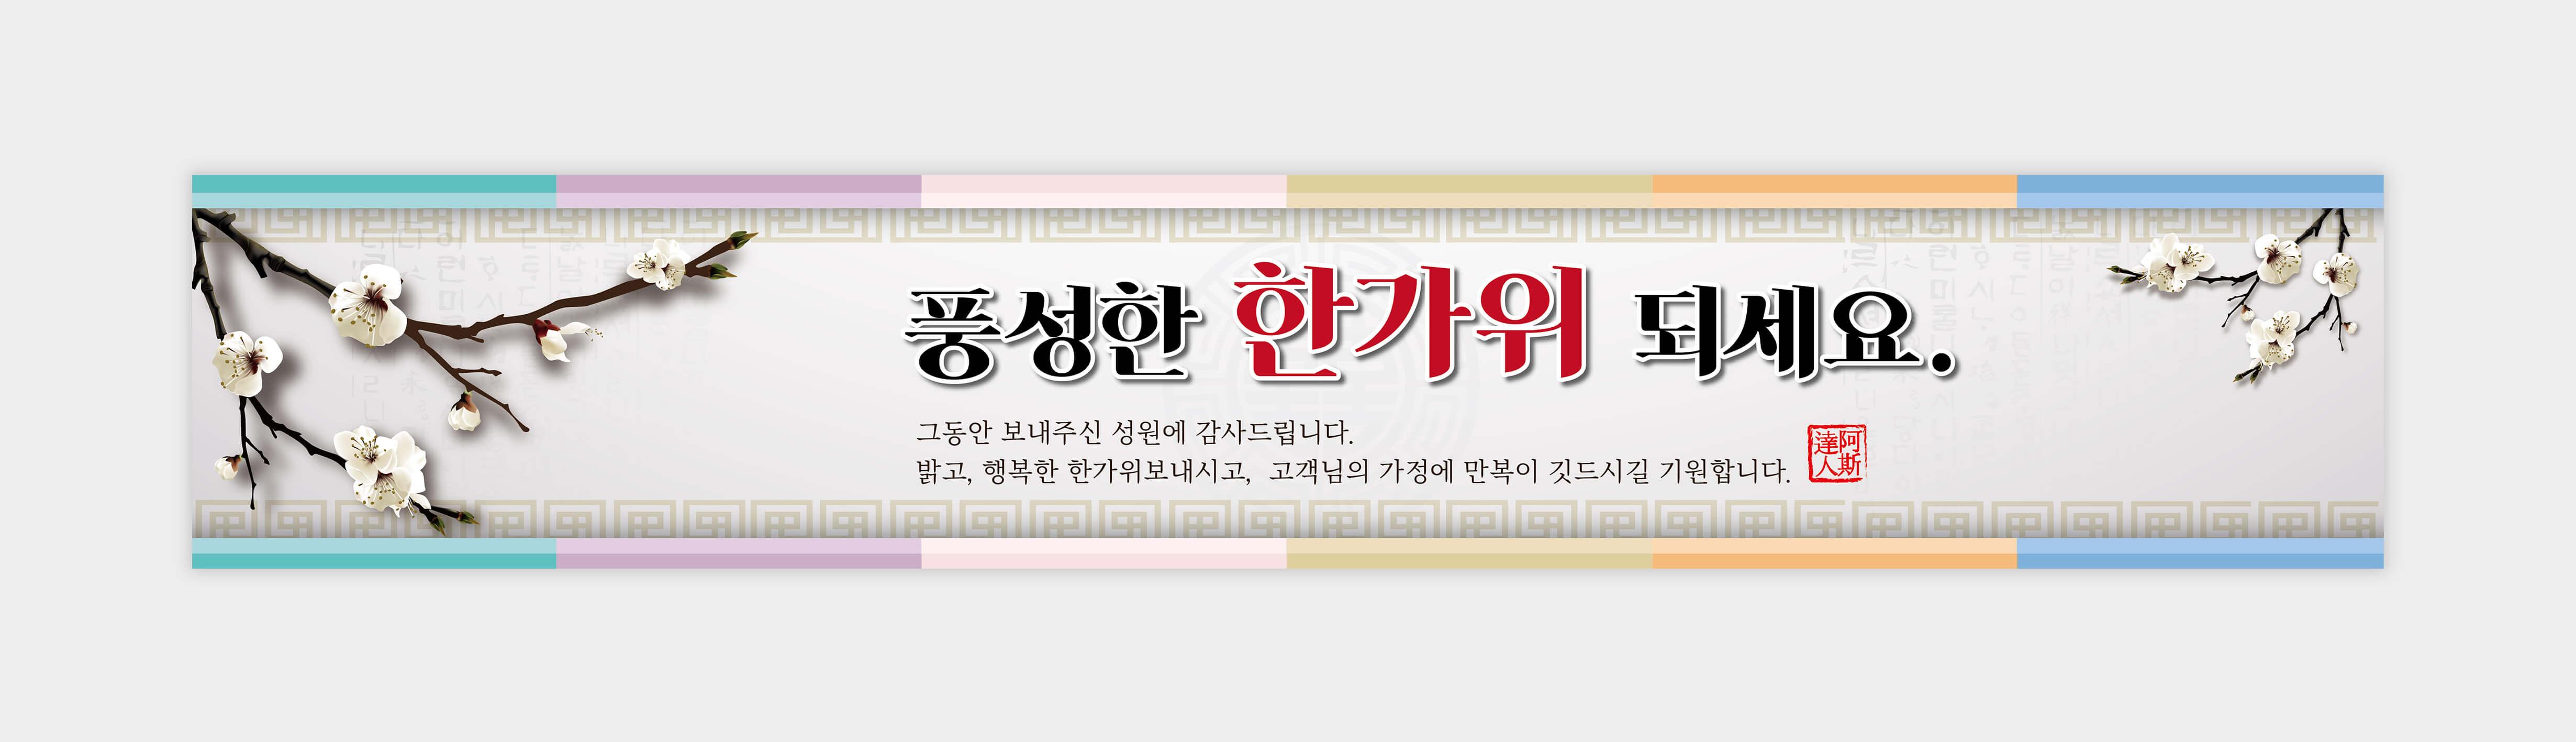 현수막_050